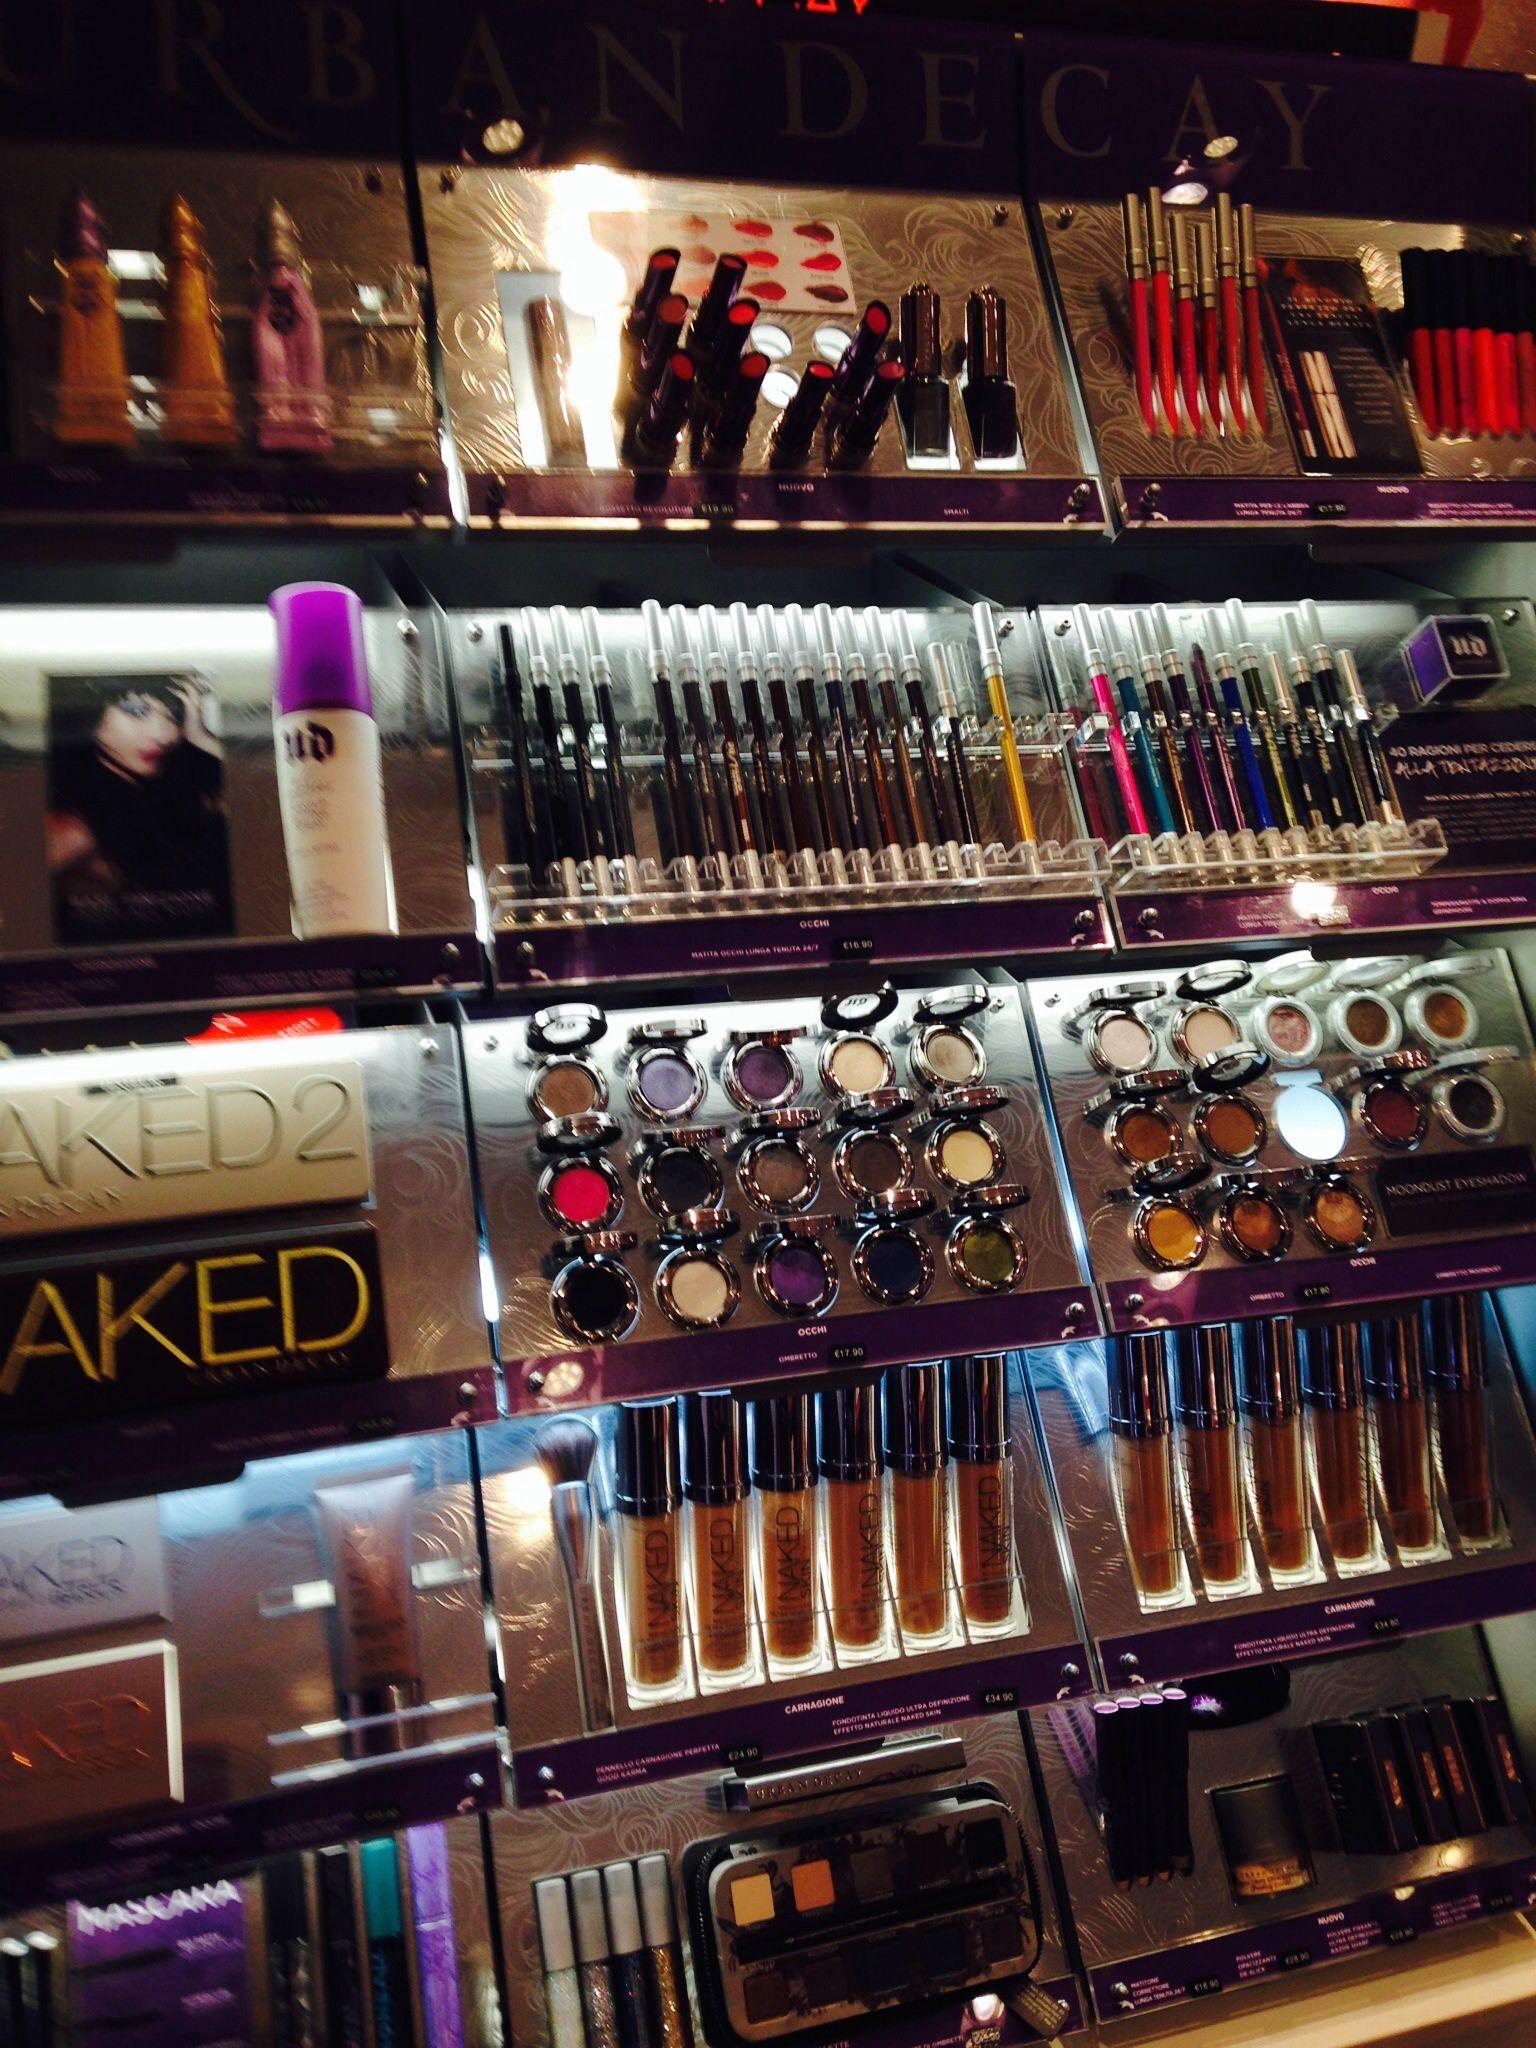 Nars makeup counter in Bristol. Beautiful makeup